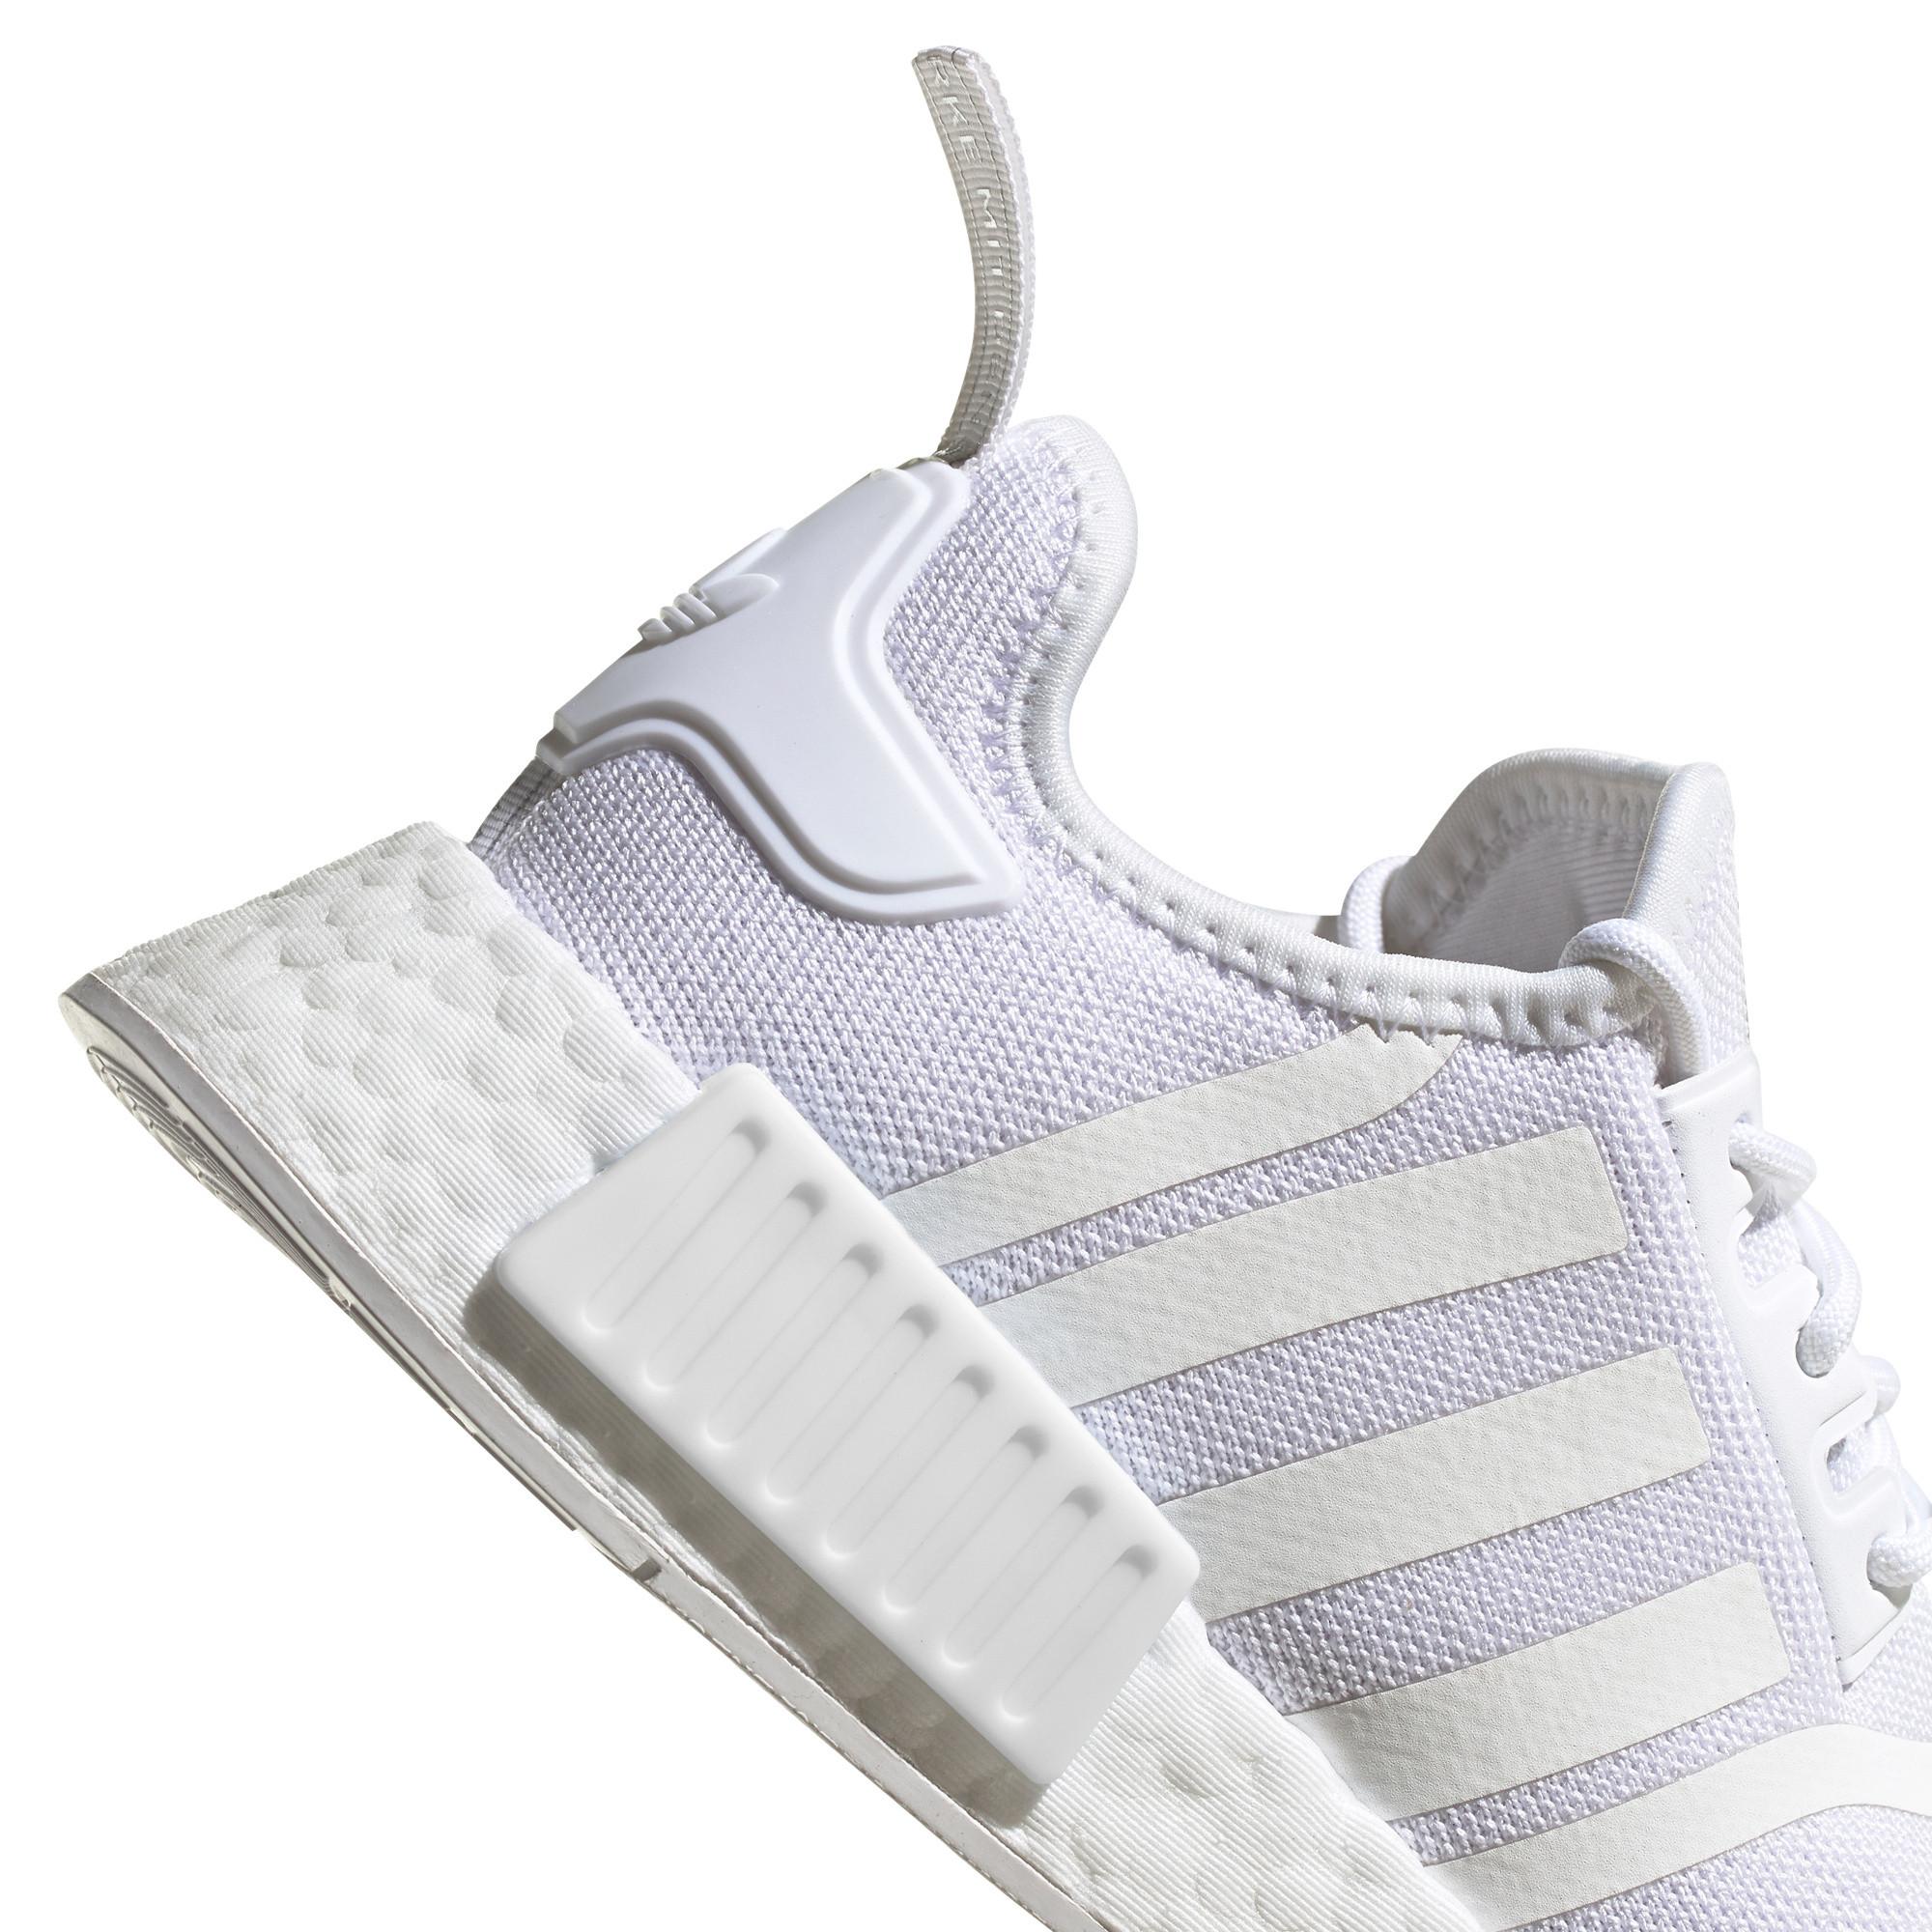 Scarpe donna Adidas Originals NMD_R1 Primeblue, Bianco/Grigio, large image number 4